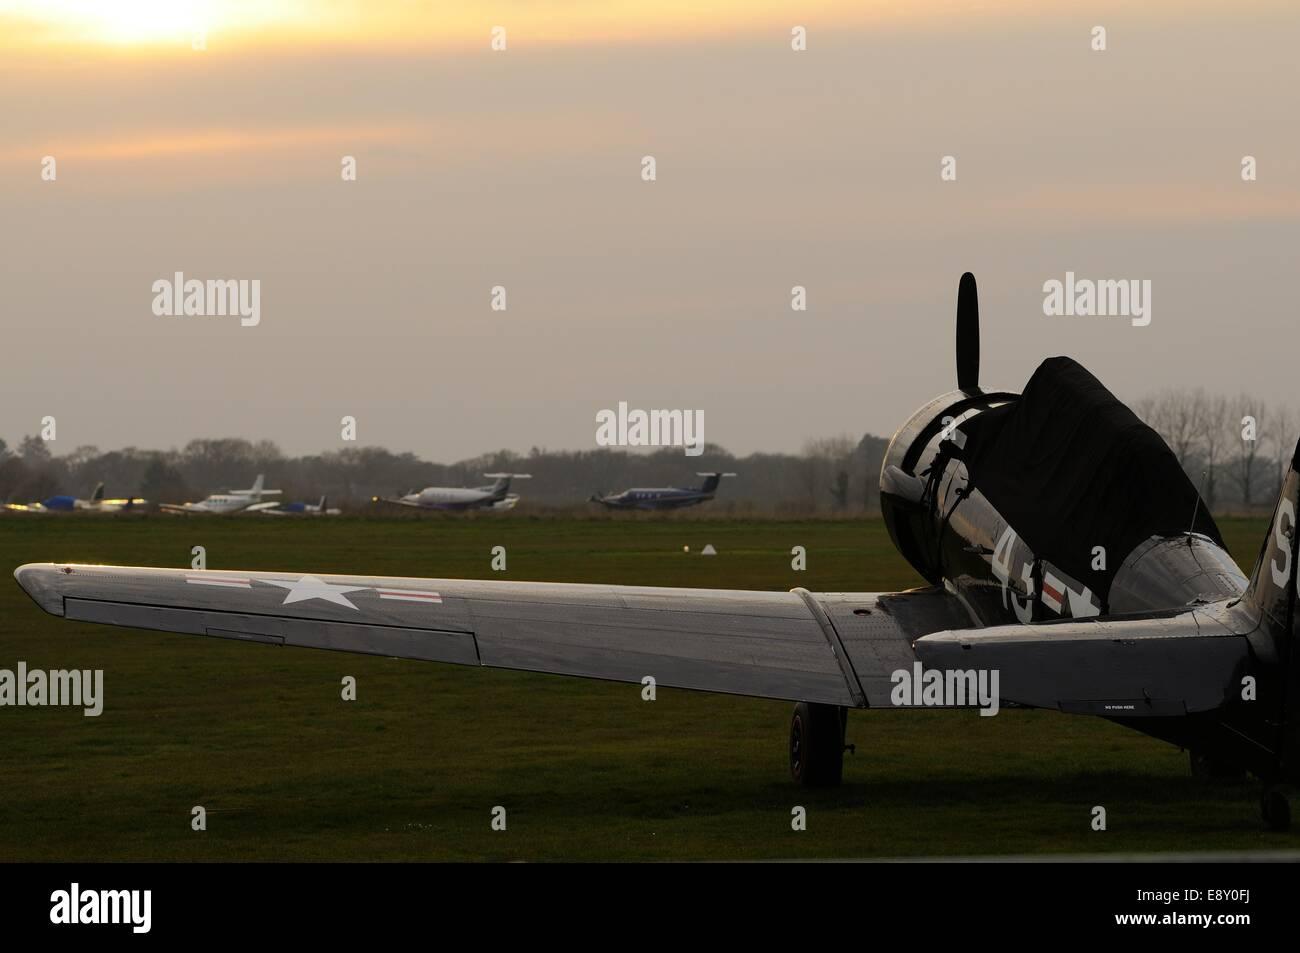 Einer zweiten Weltkrieg Ära Harvard Trainer in Ruhe am Goodwood-Flugplatz Stockbild